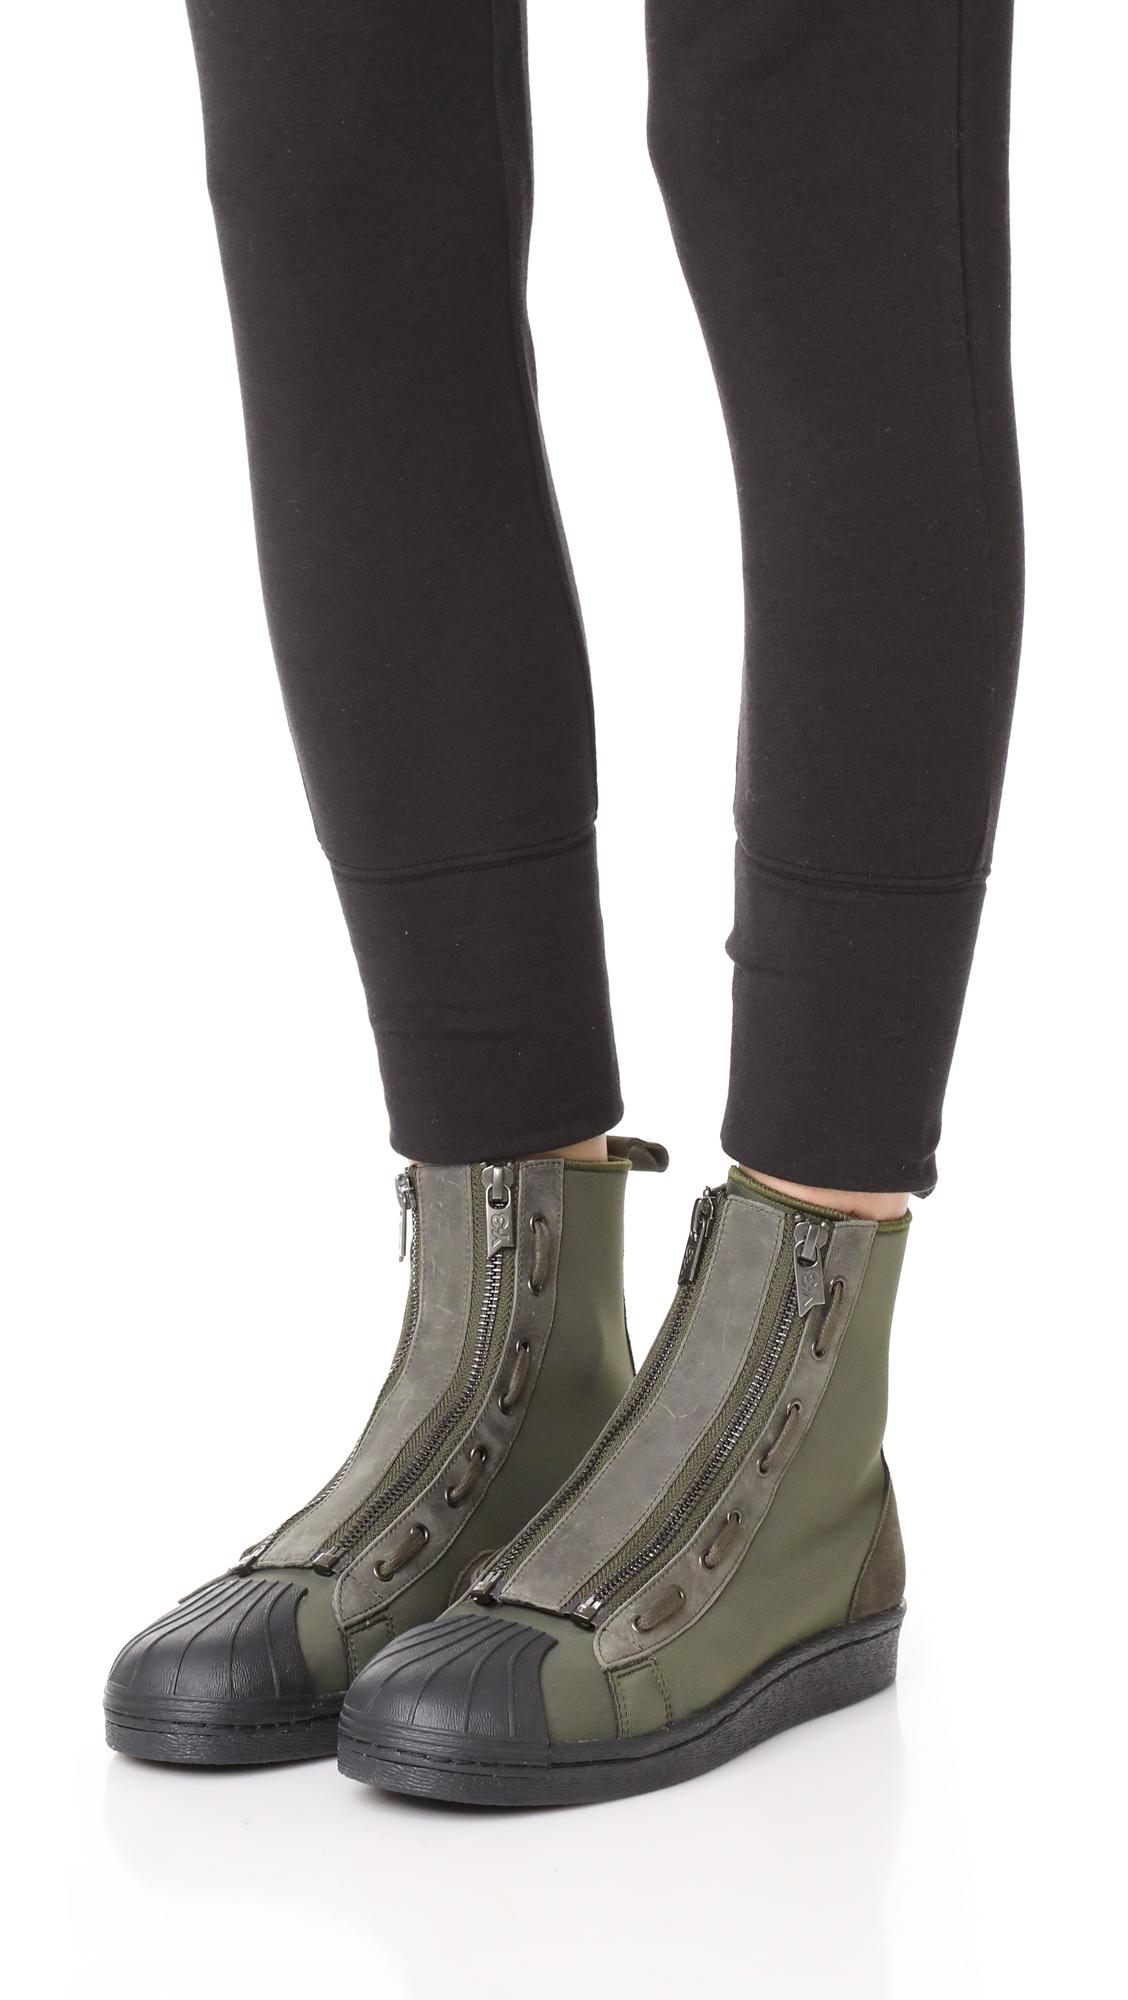 07277de027f45 Y-3 Y-3 Pro Zip Sneakers